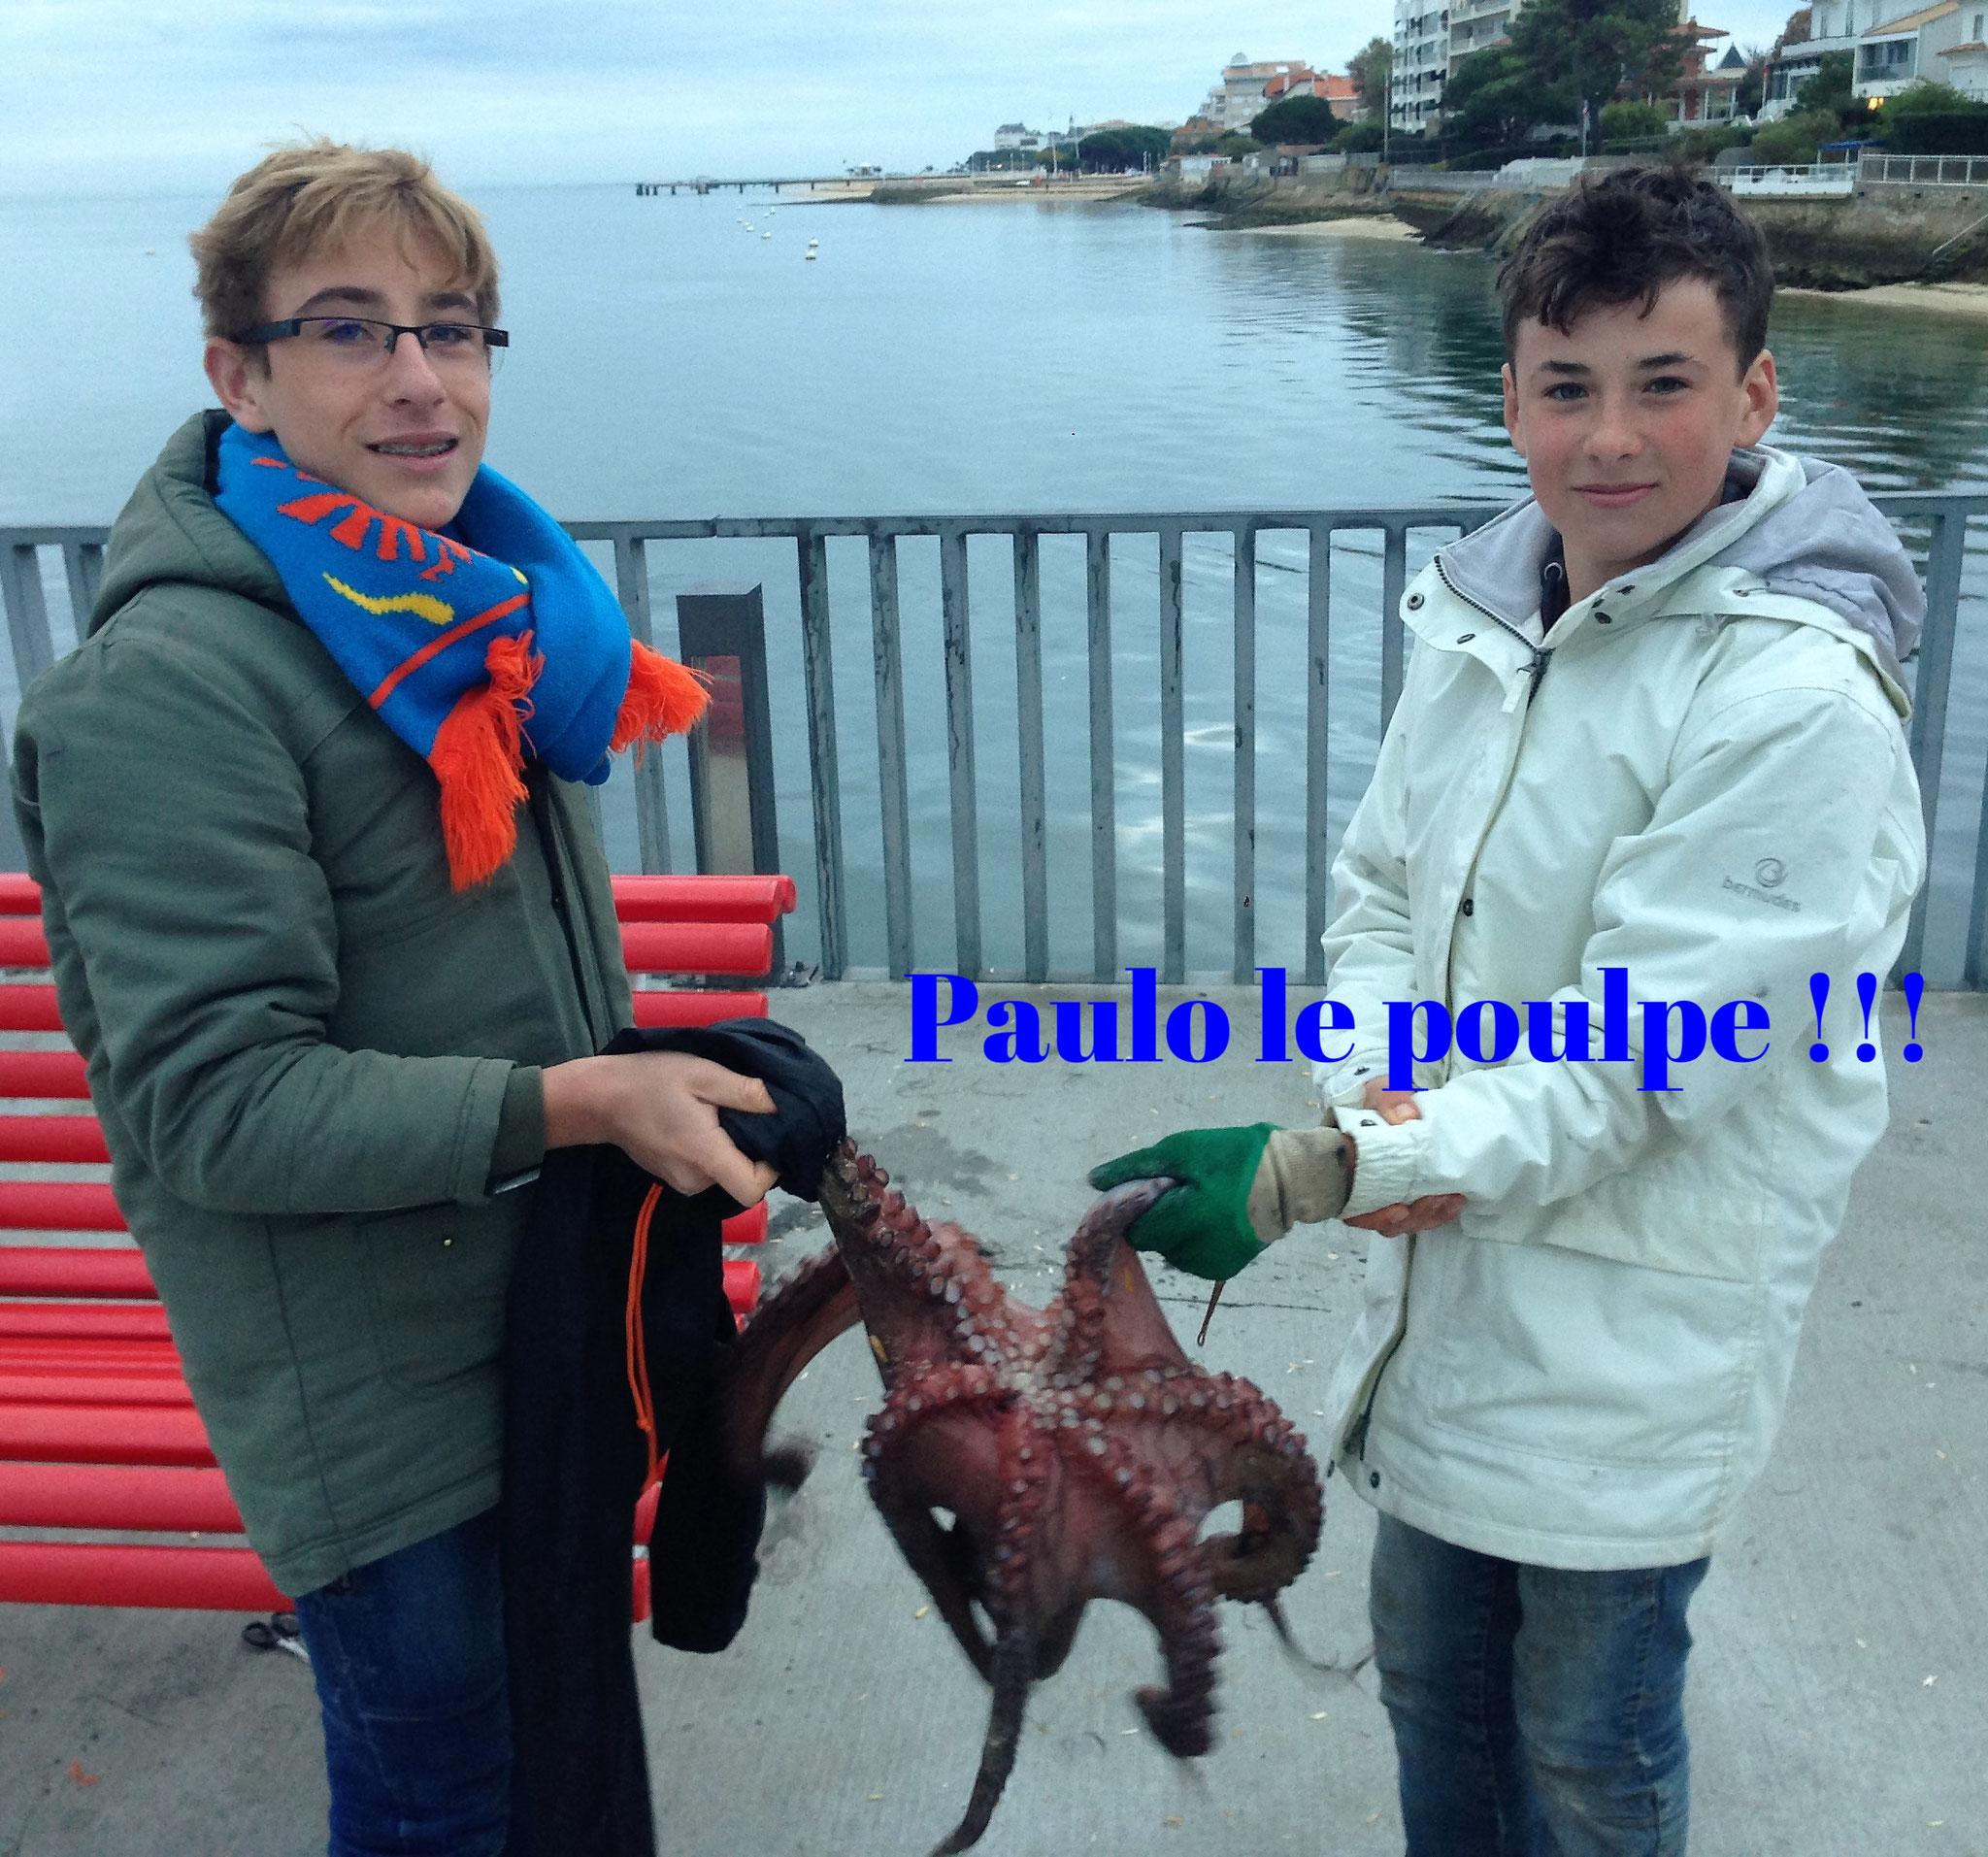 paulo le poulpe